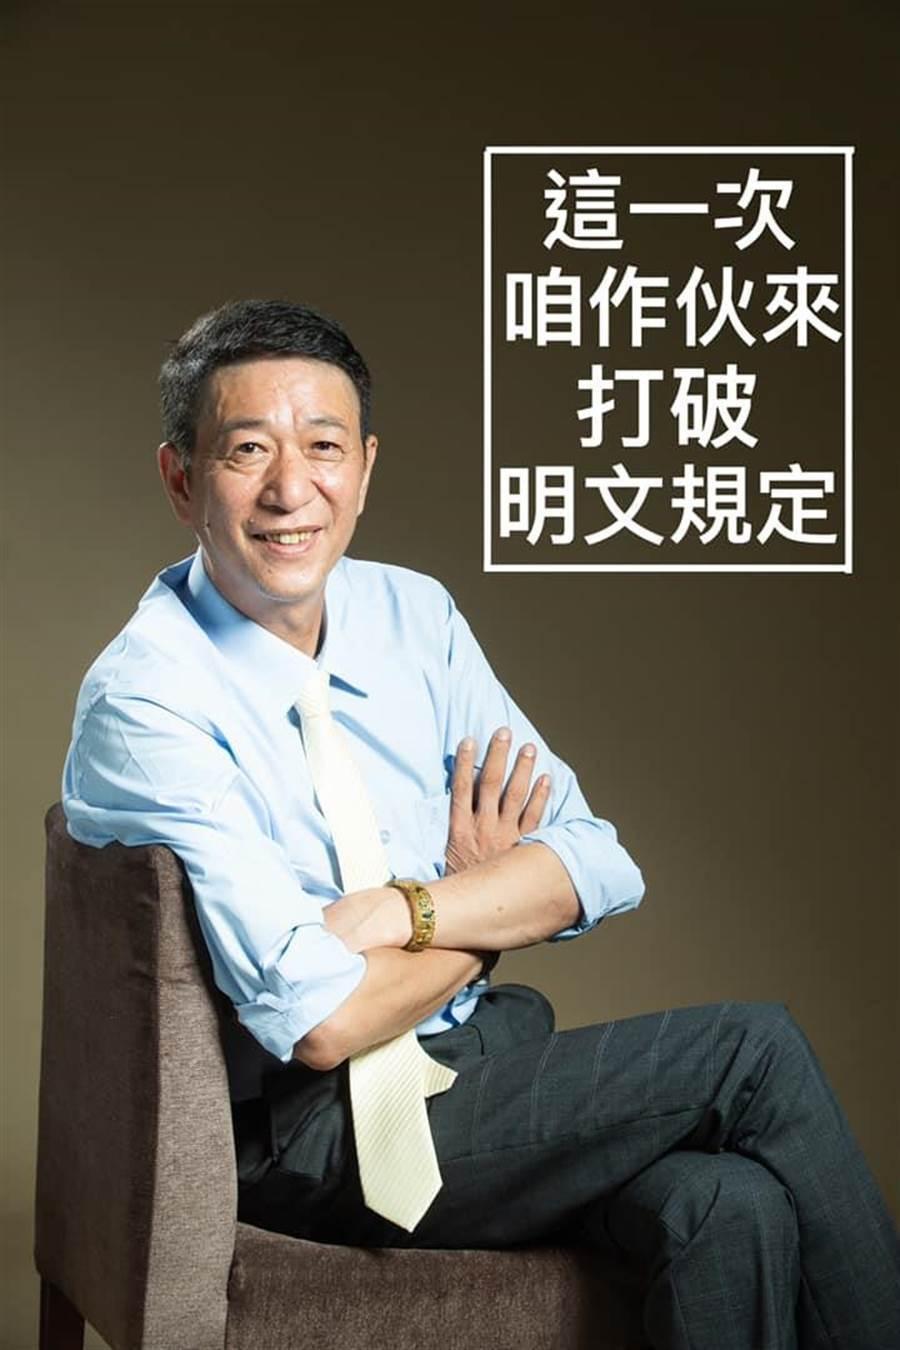 林國慶表示,陳明文應該要教縣民他53筆土地14筆建物,如此龐大的資產是怎麼賺來的...